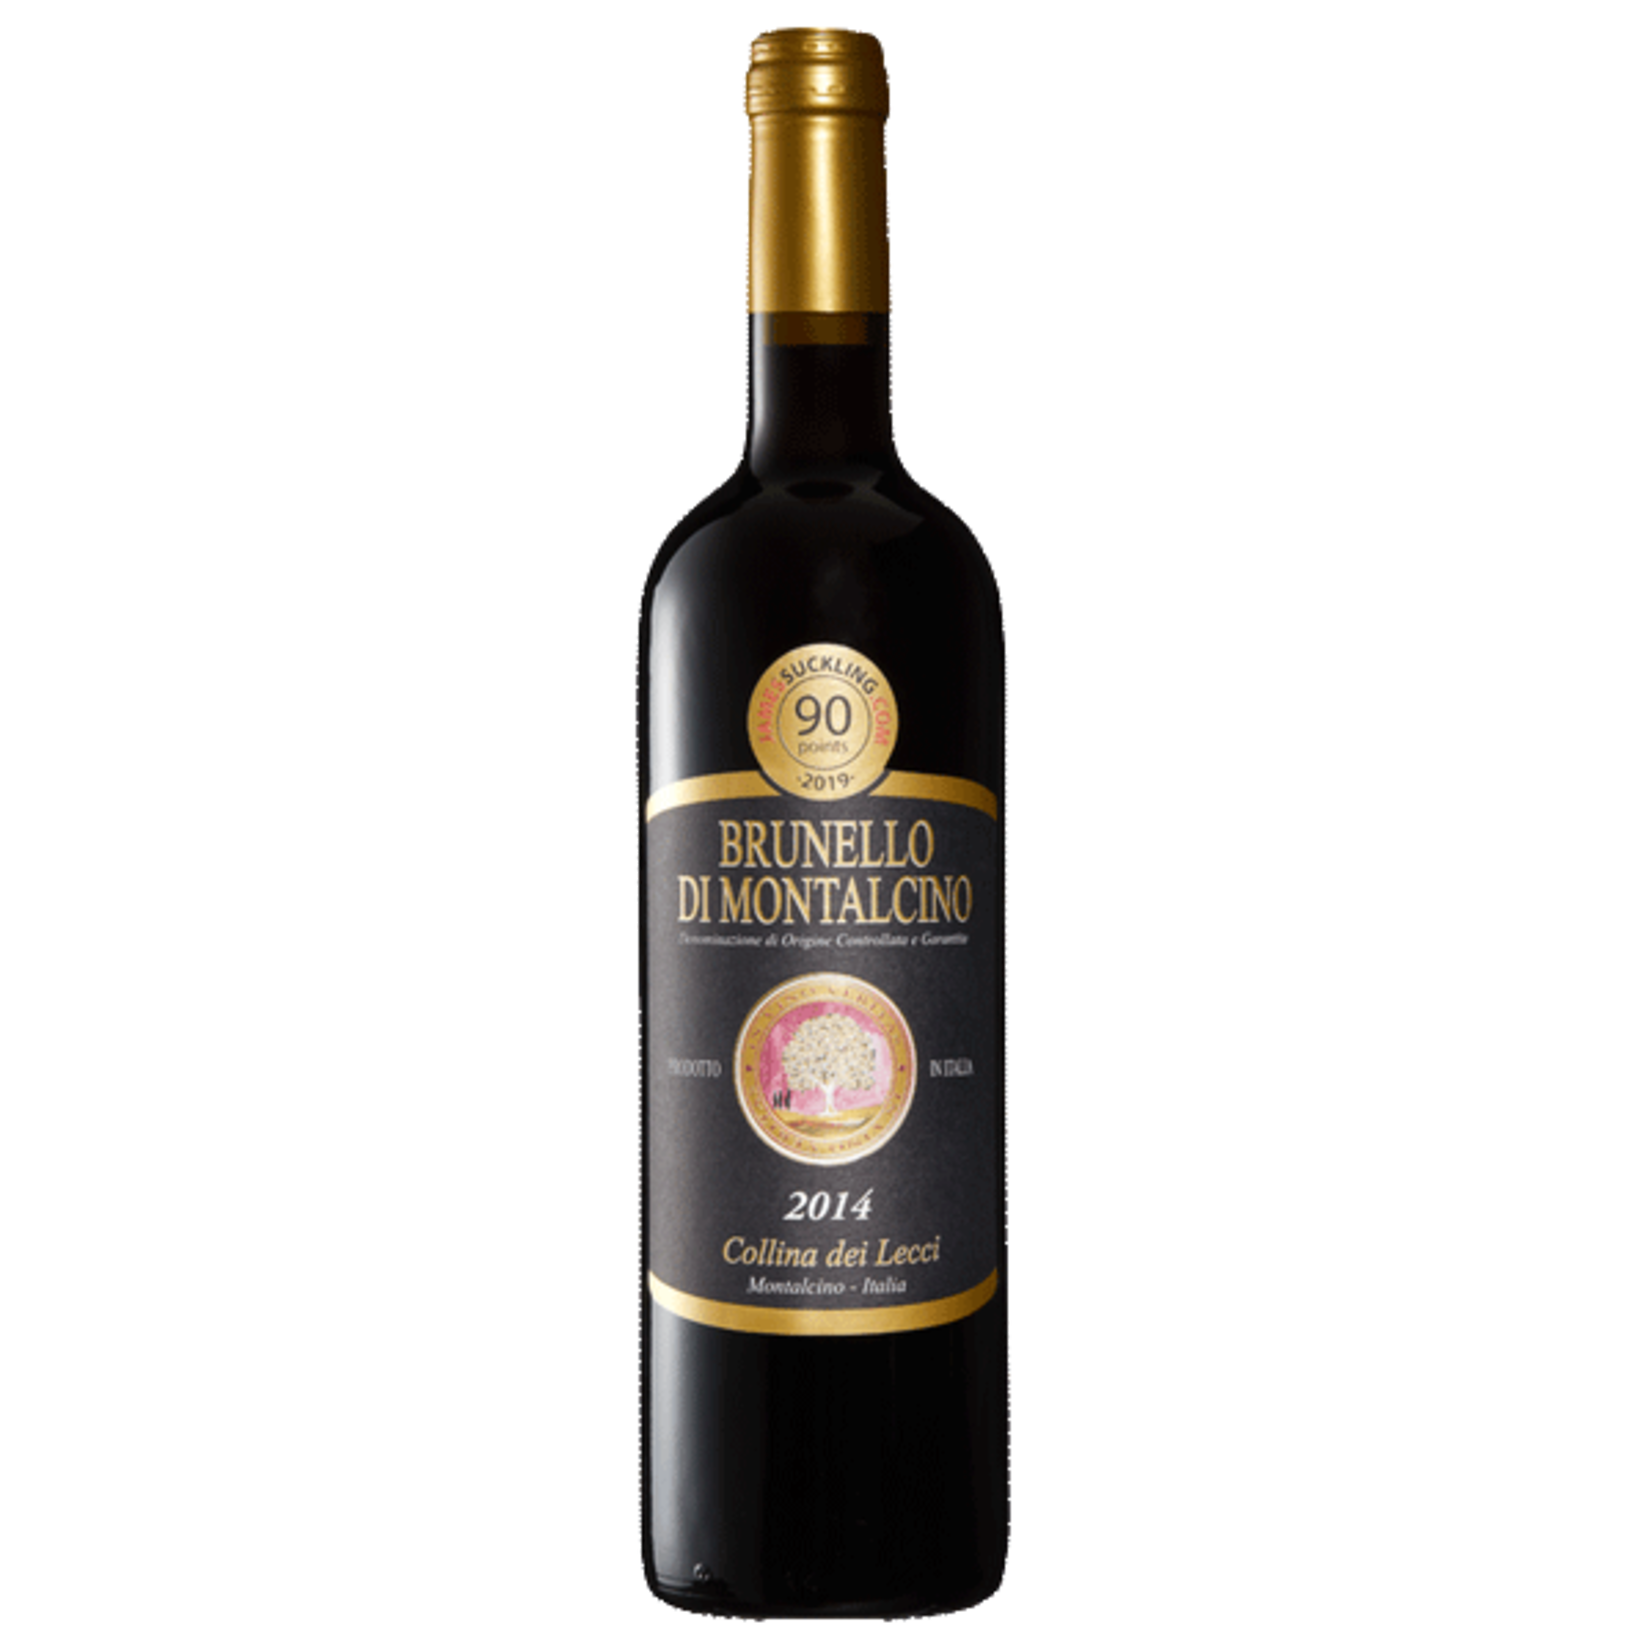 Wine Collina dei Lecci Brunello di Montalcino 2014